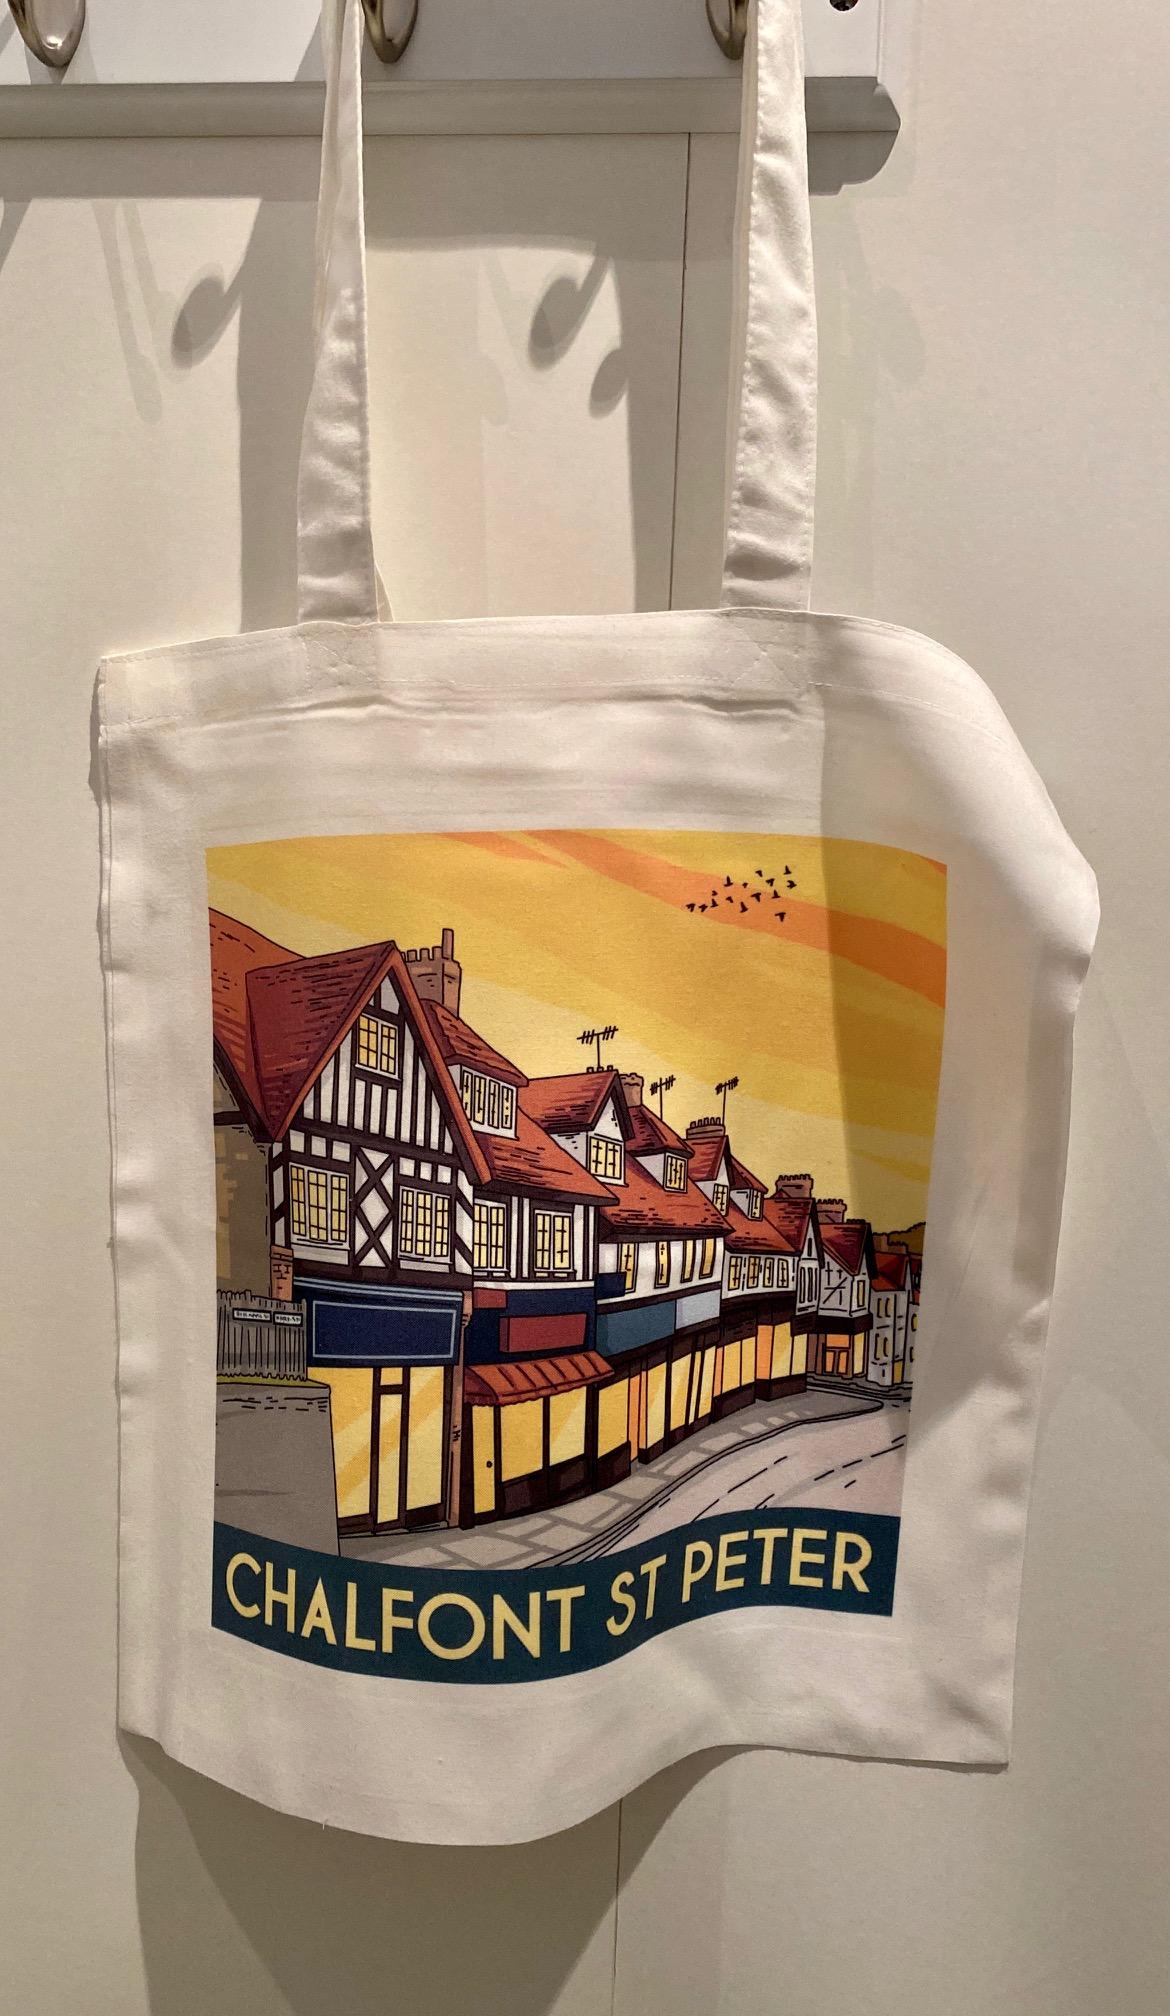 Chalfont St Peter vintage art print shopper